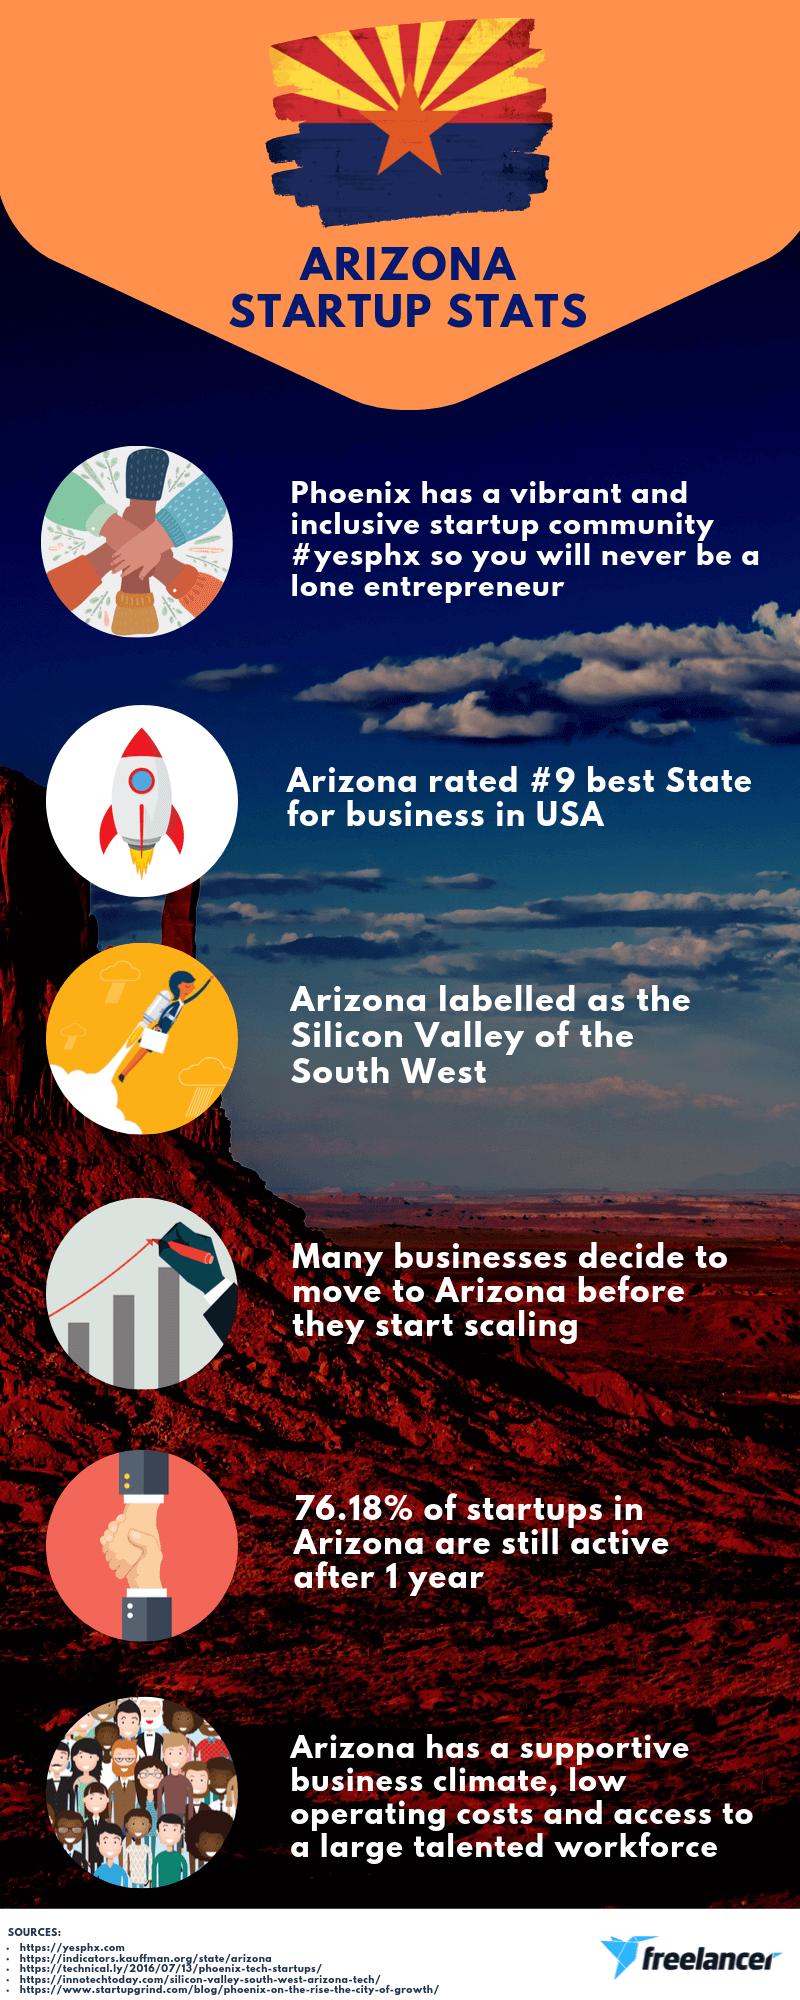 Arizona startup stats infographic